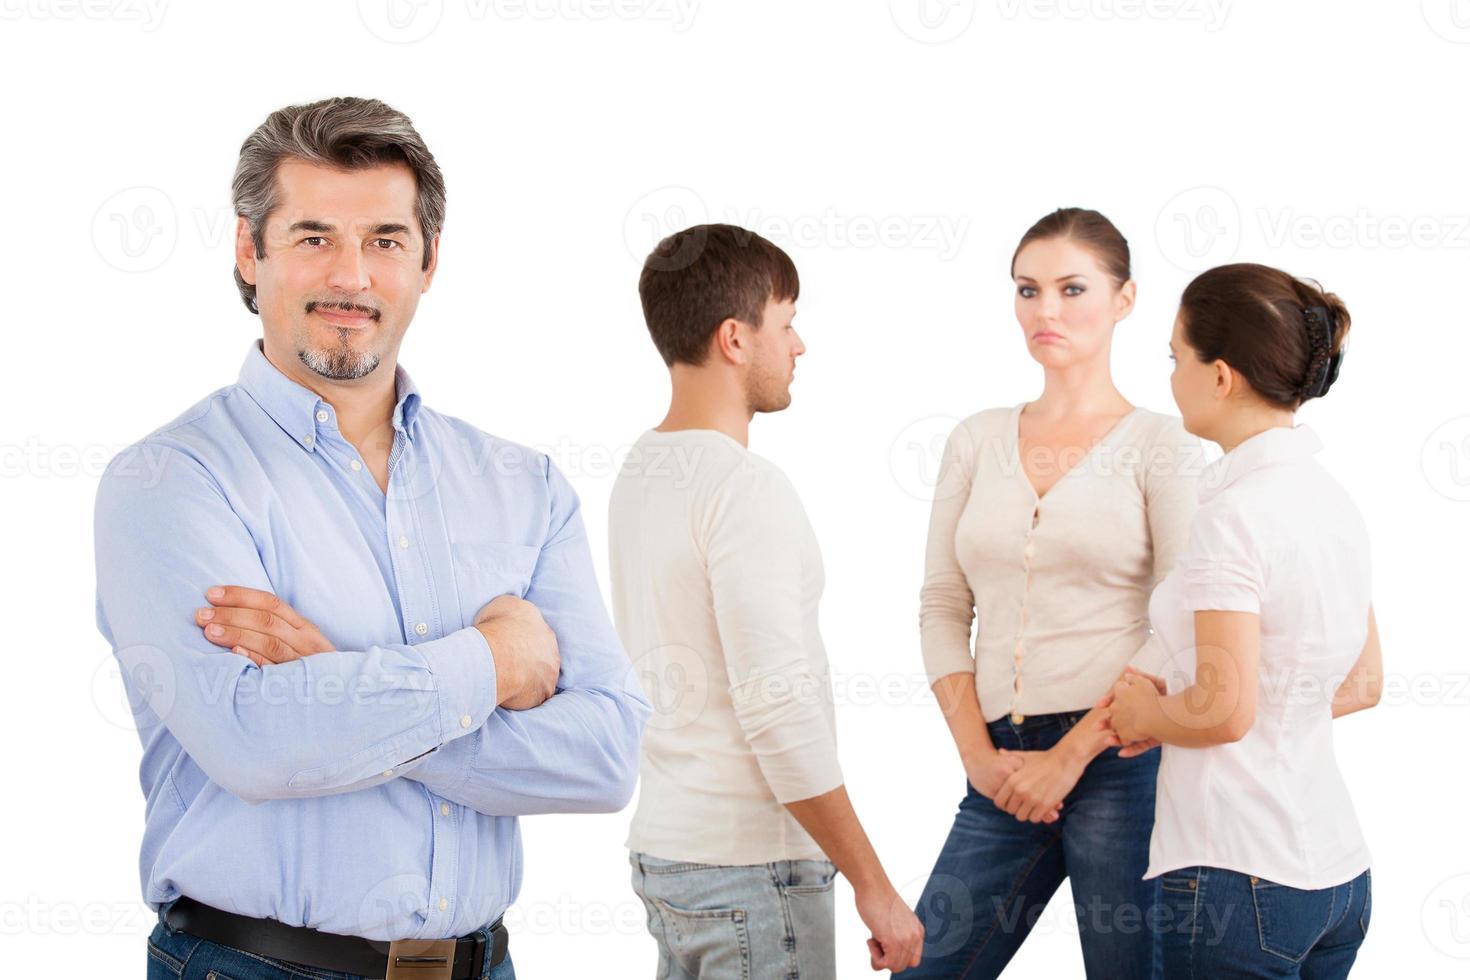 empresário confiante com colegas discutindo foto